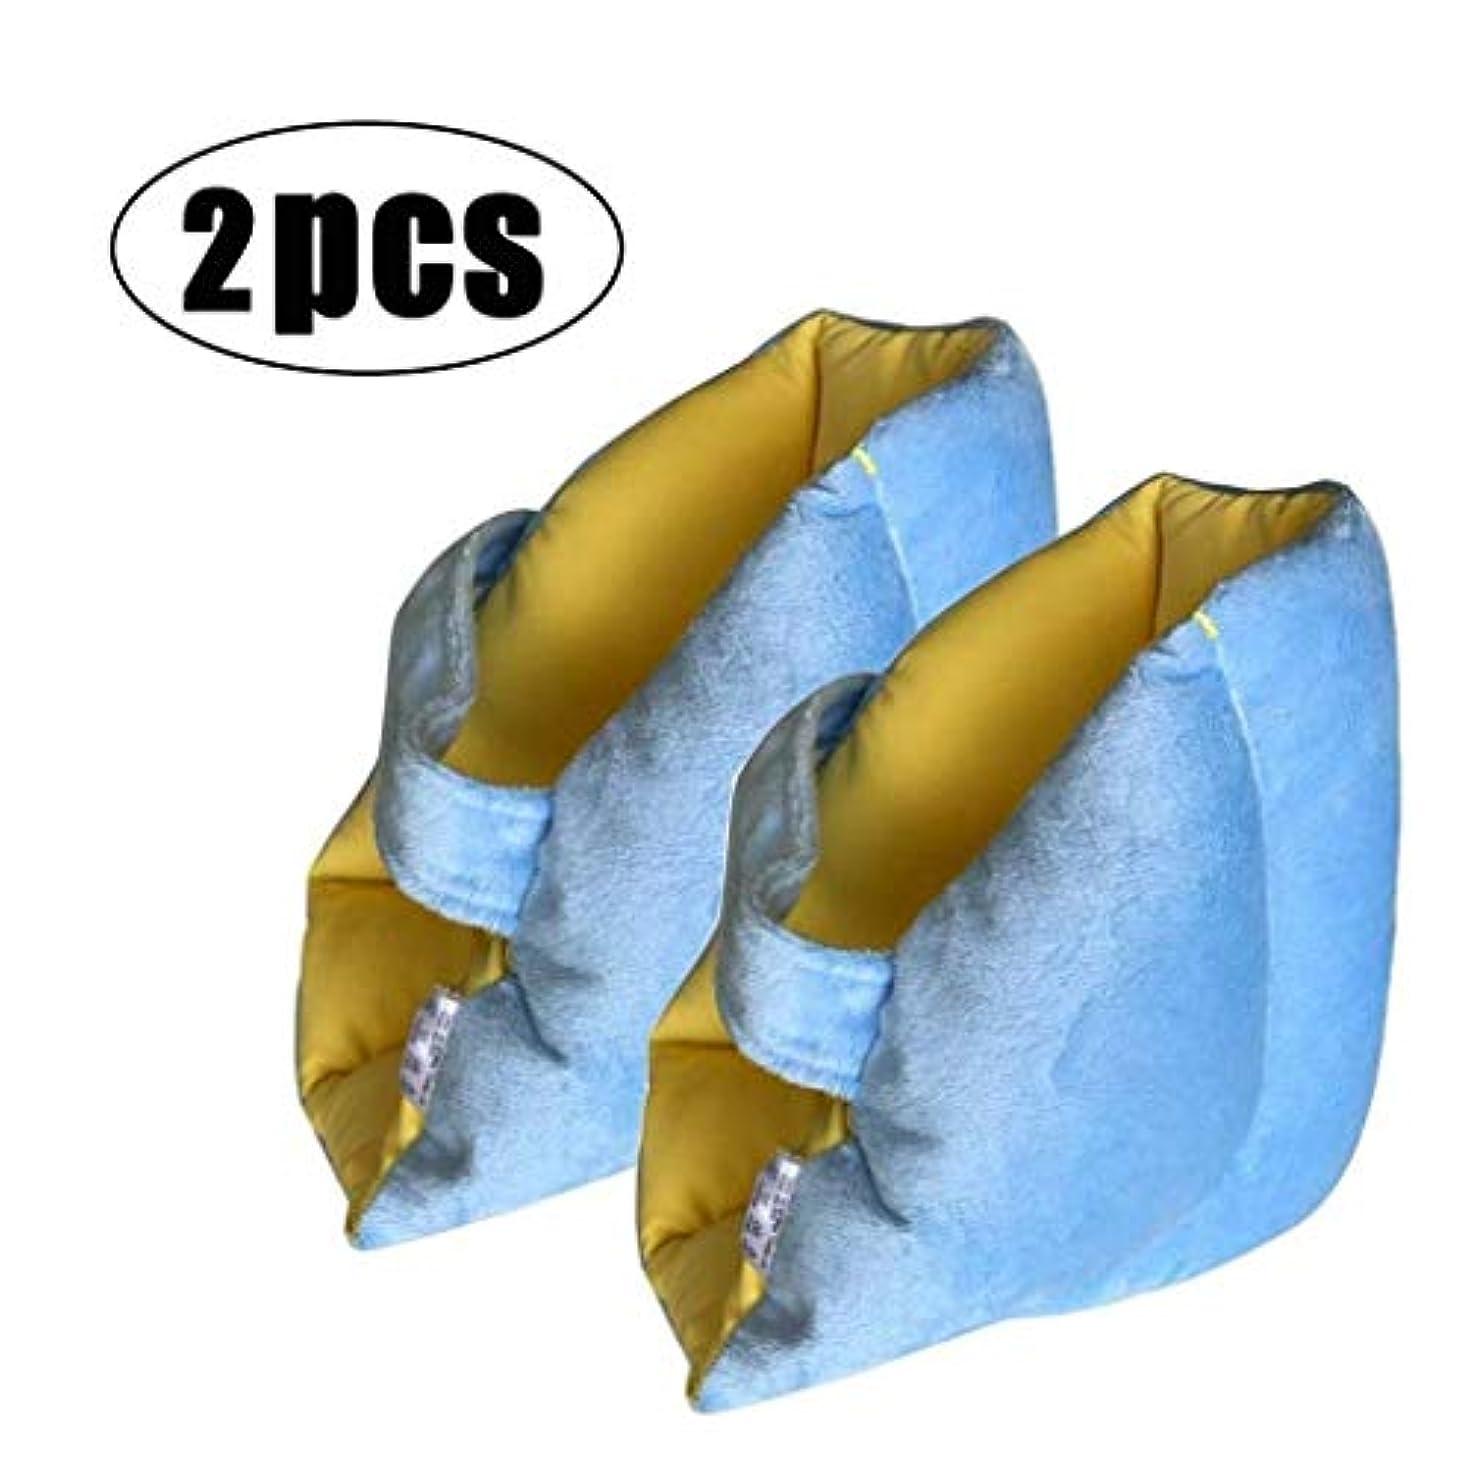 移行するダッシュ連隊TONGSH 足サポート枕、足圧を緩和するためのヒールクッションプロテクター枕、青 (Color : 2Pc)